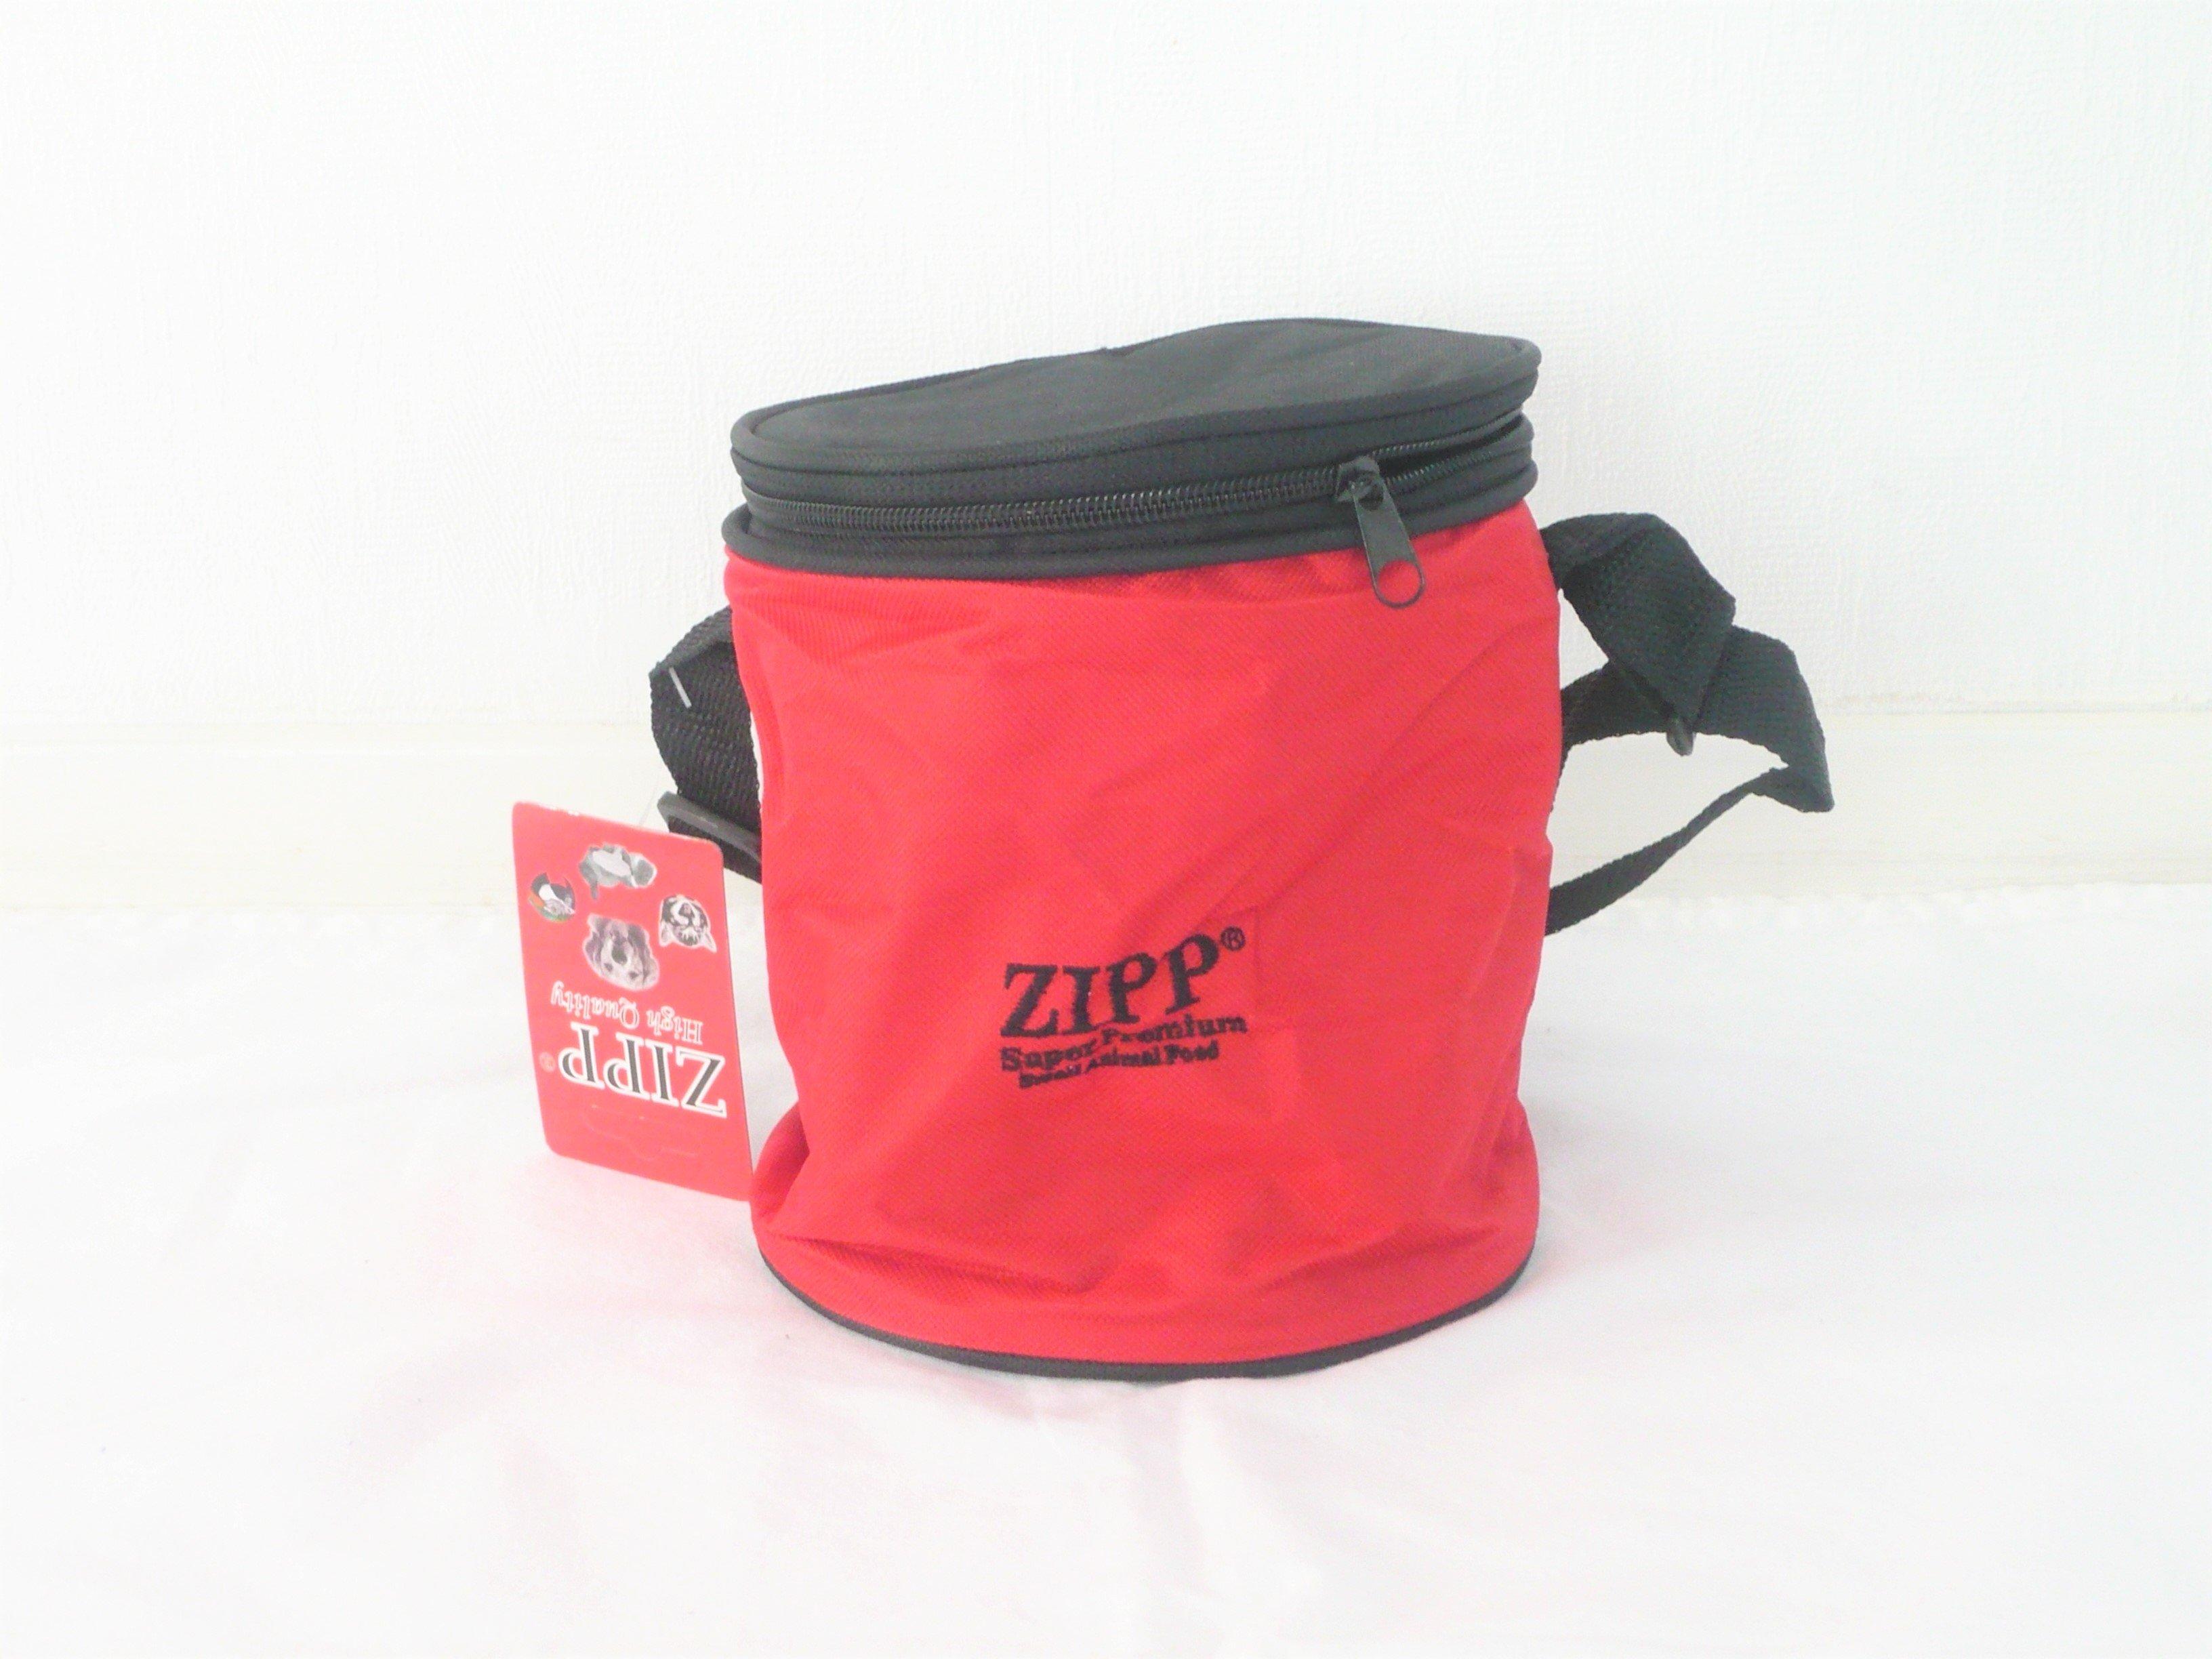 Zipp fodertunna i nylon 1kg